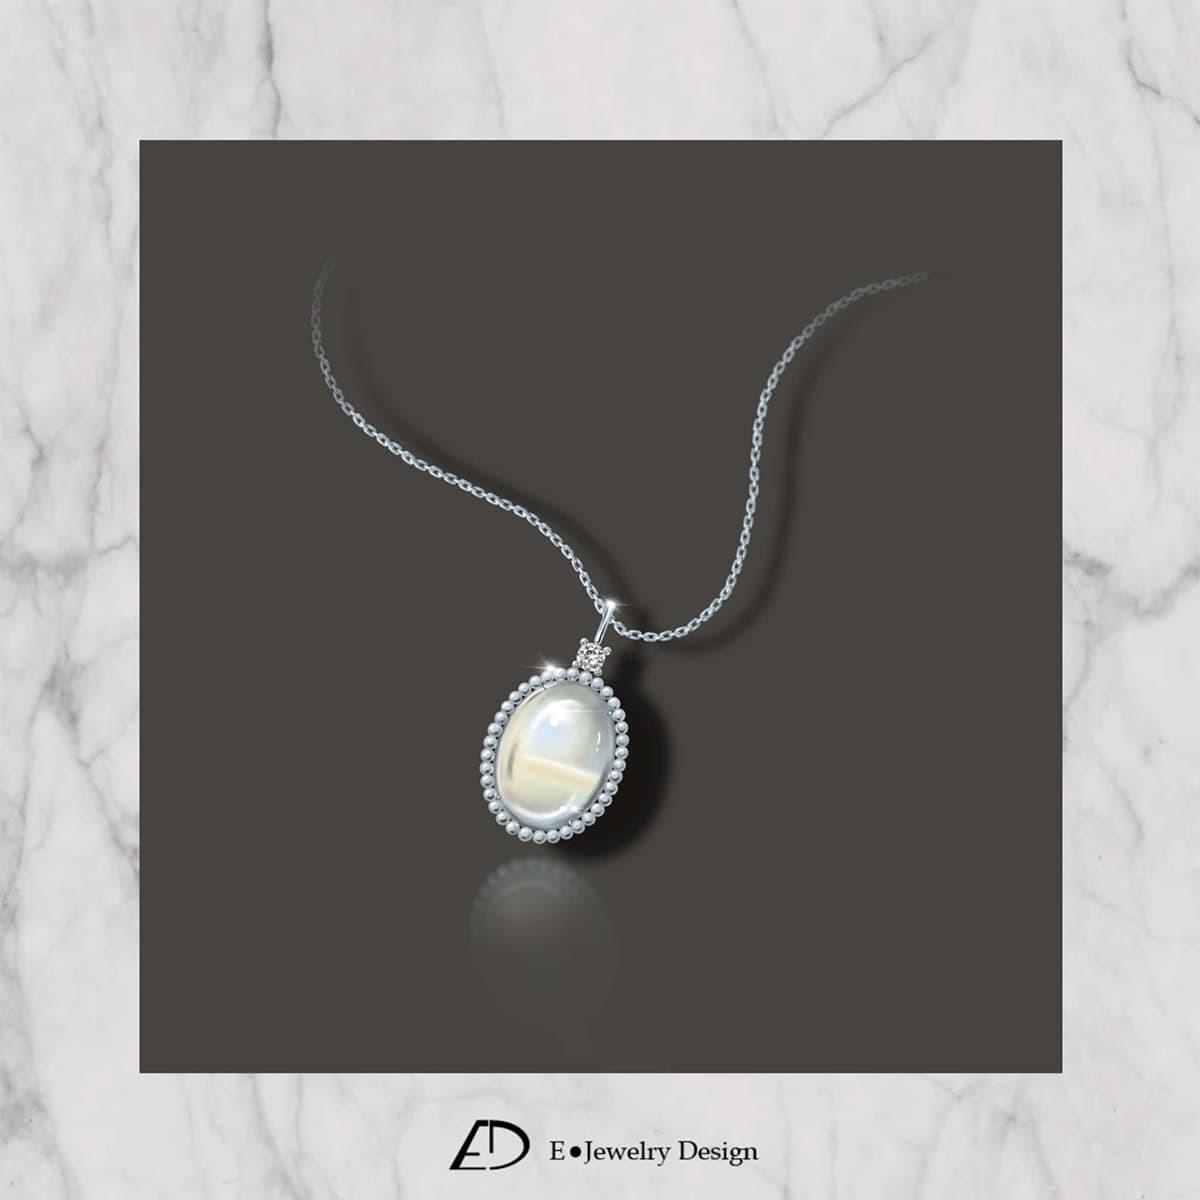 月光石表面會透出白色或淡藍色的閃光如月光,故稱「月光效應」。